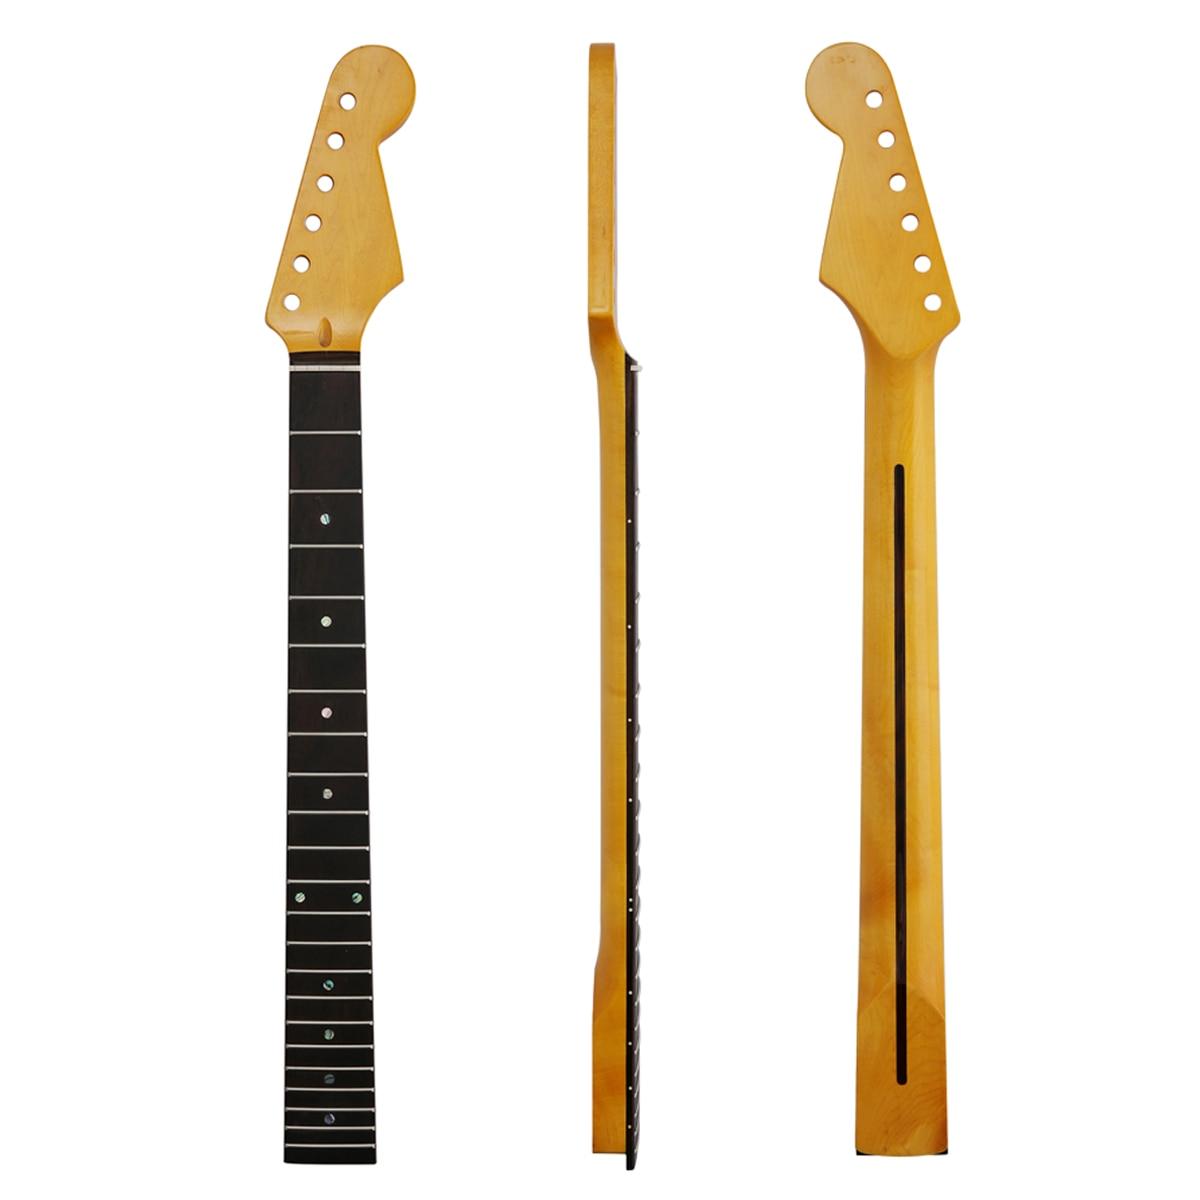 KAISH 22 Fret ST Strat Érable Canadien Guitare avec Touche En Palissandre Abalone Inlay et Os Écrou